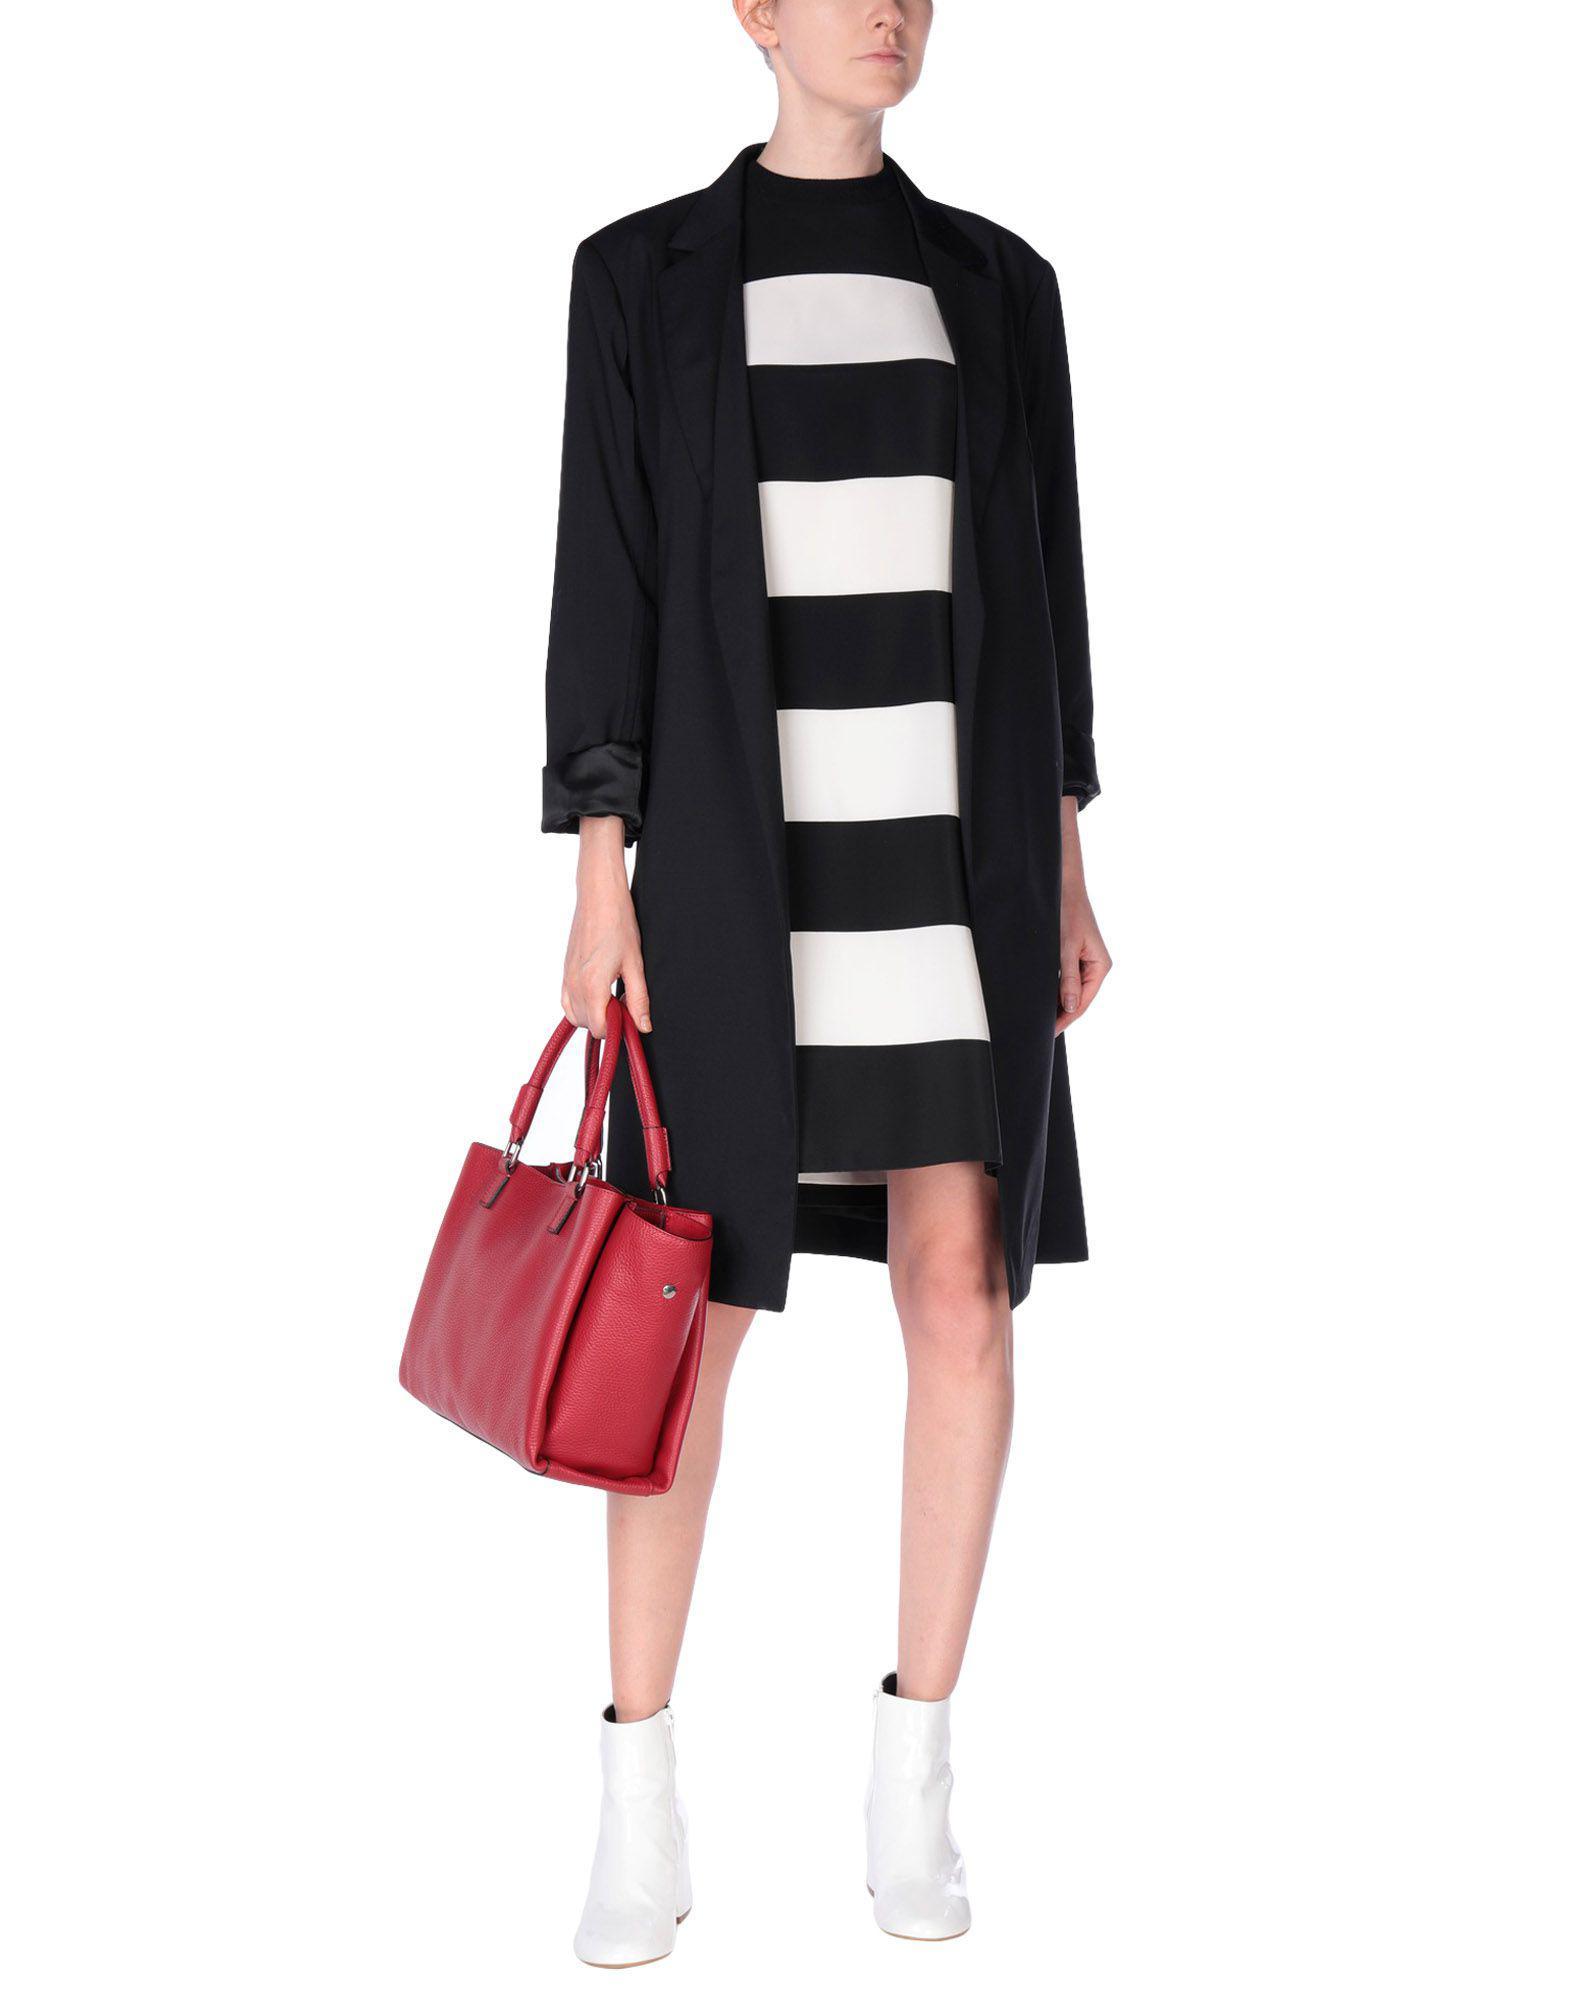 Ab Asia Bellucci Leder Handtaschen in Rot SSfXg